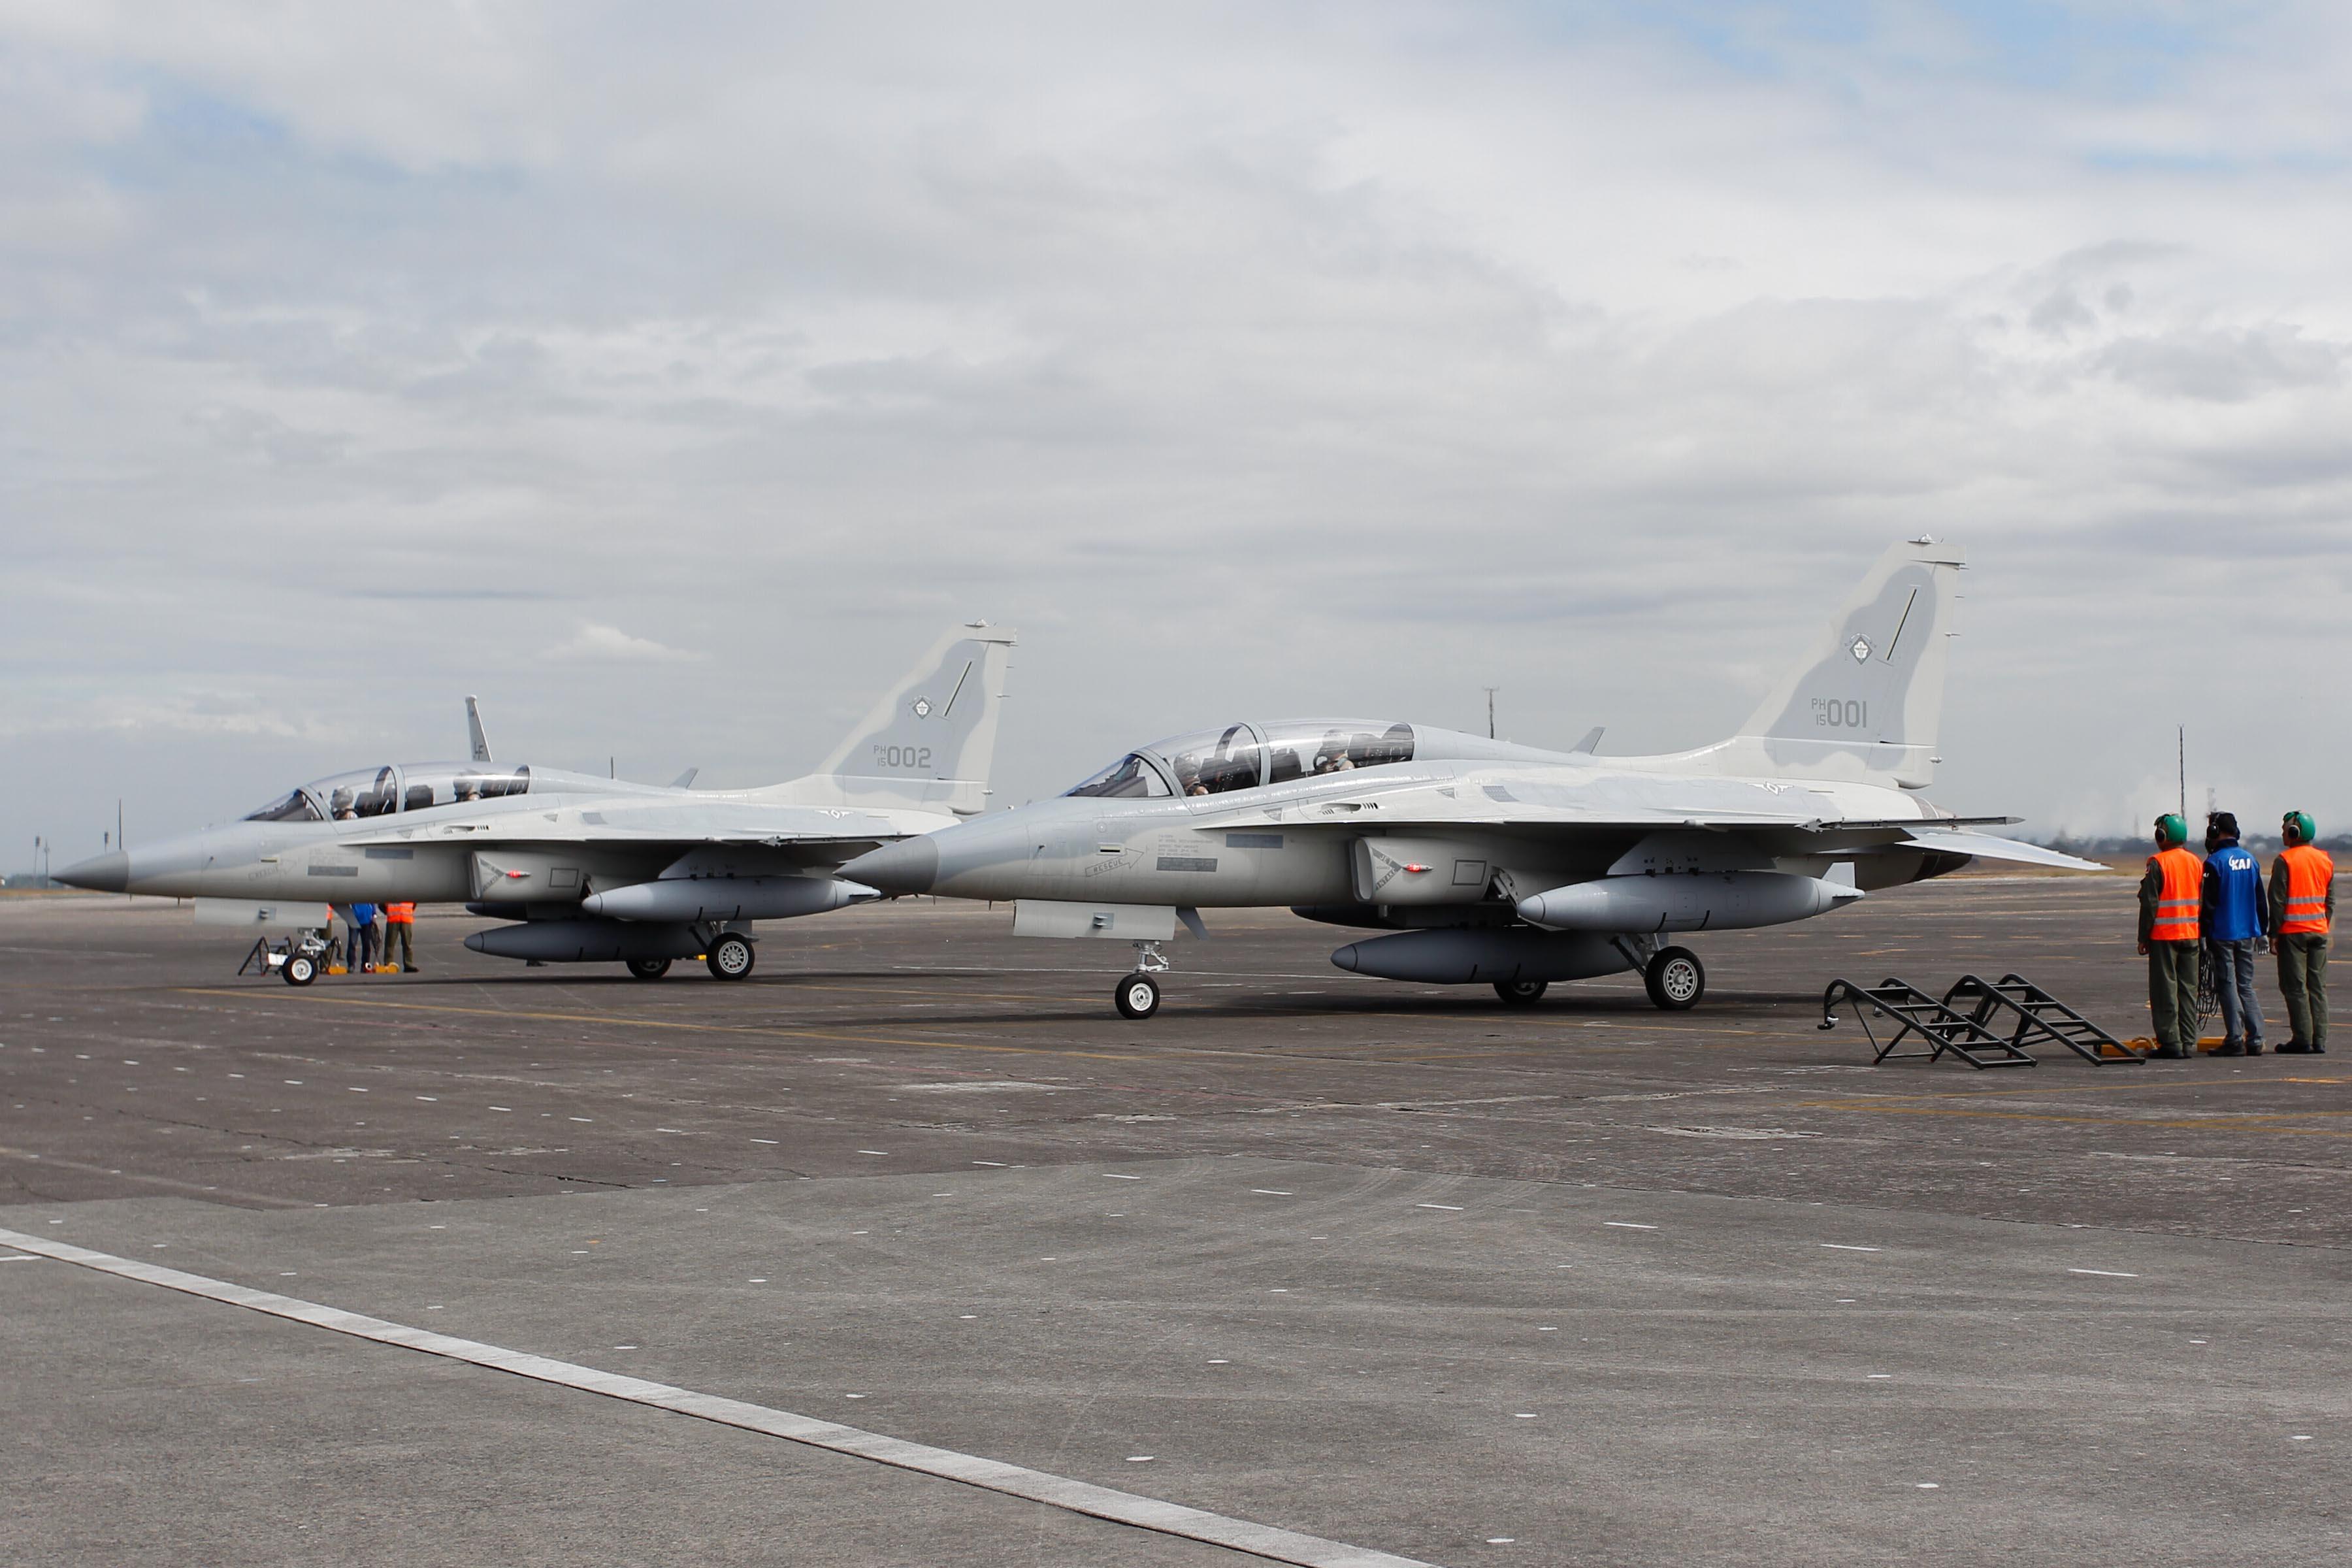 Tiêm kích nhẹ FA-50PH: Hổ giấy vô dụng của Không quân Philippines